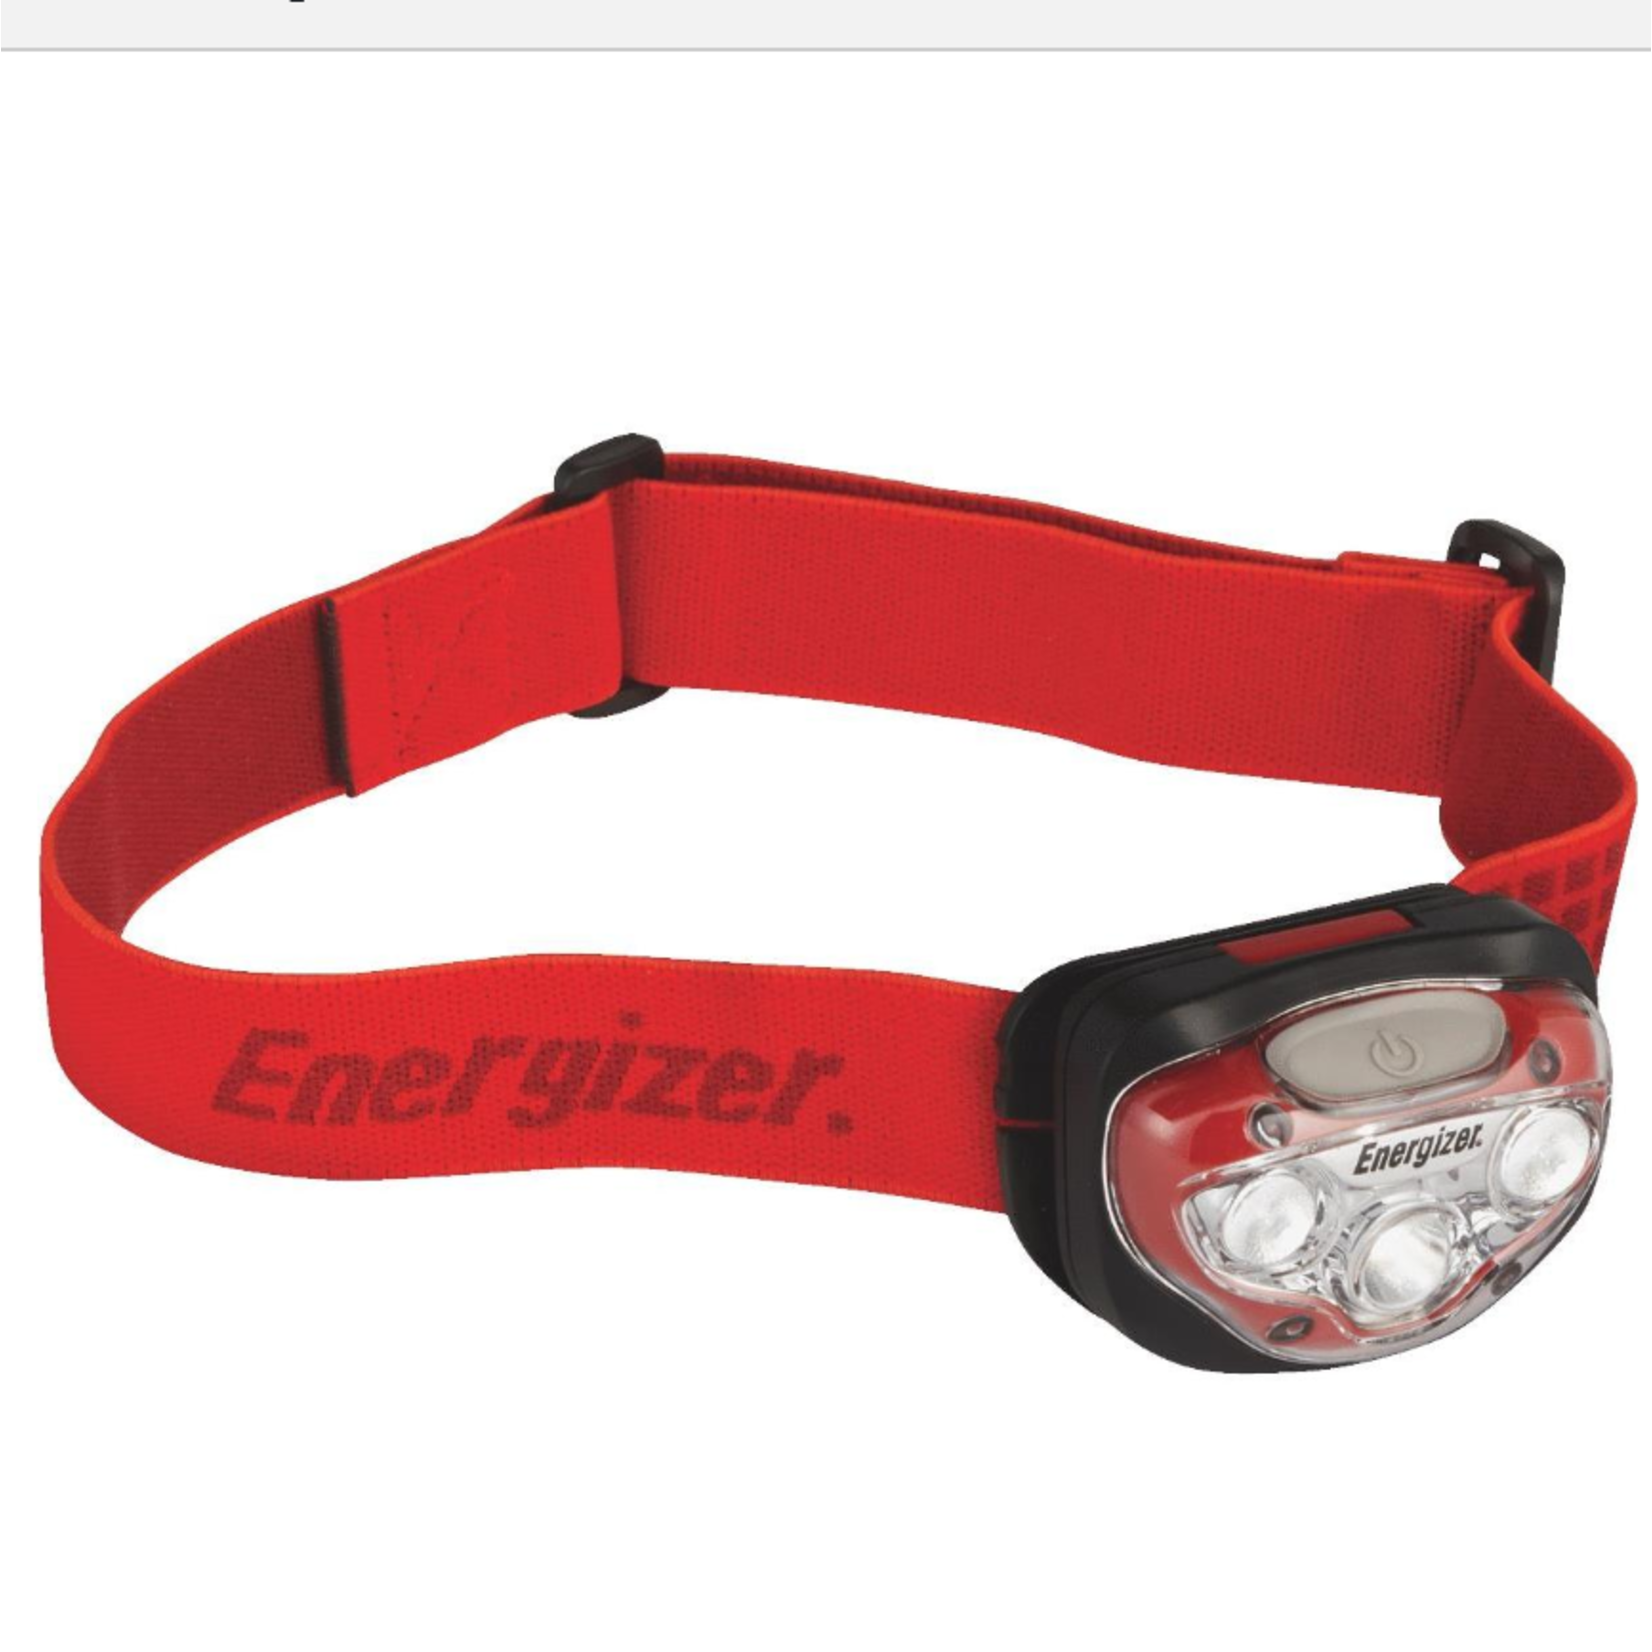 10564 Energizer LED HD Headlamp